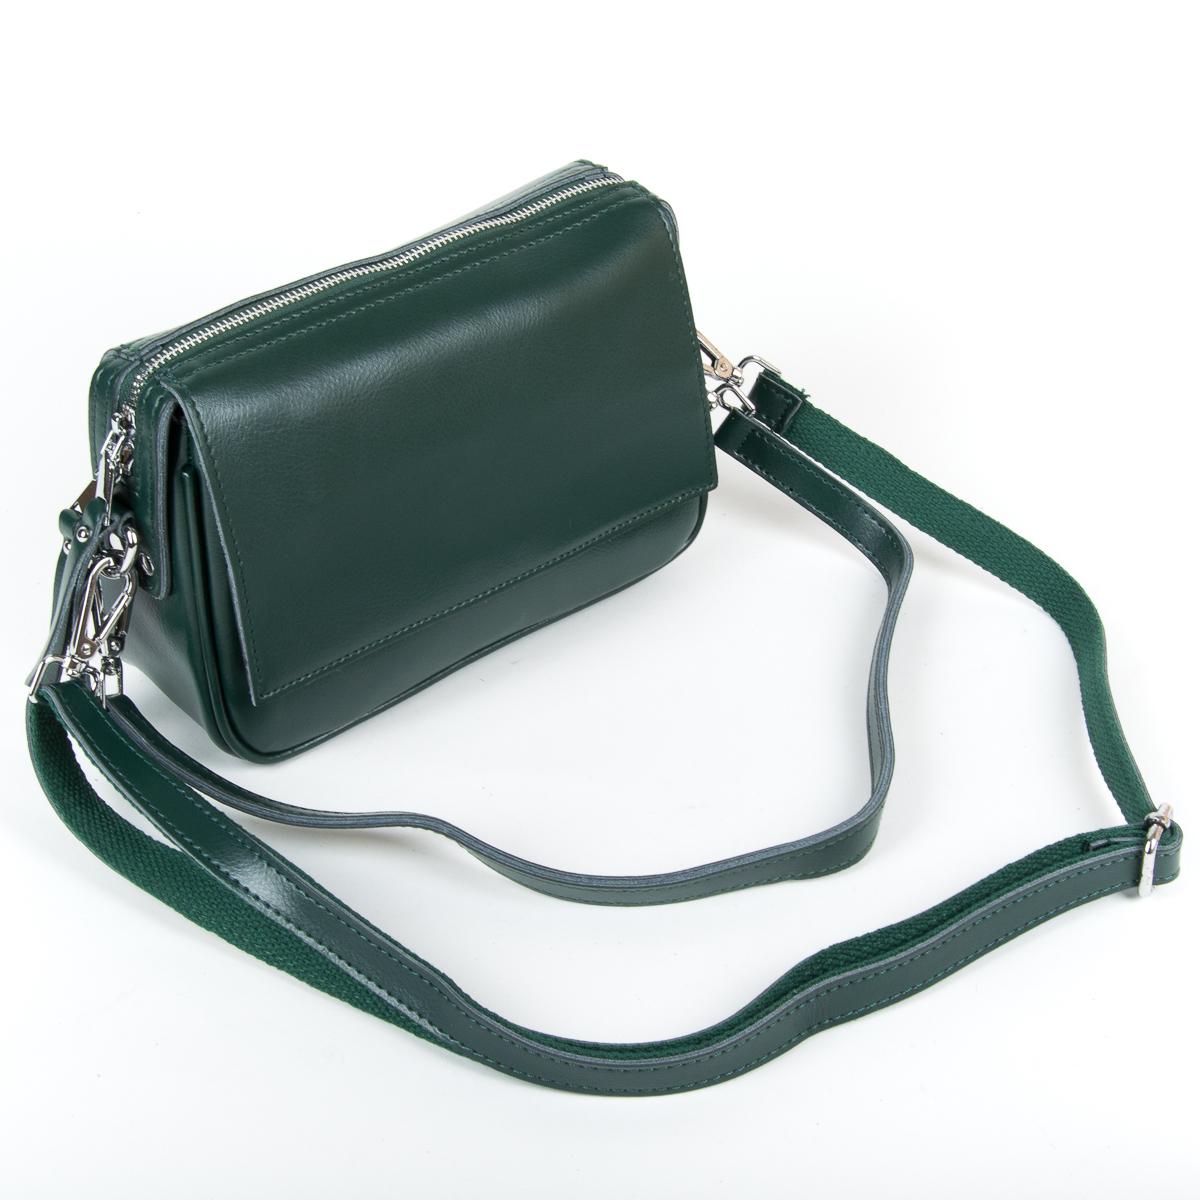 Сумка Женская Клатч кожа ALEX RAI 9-01 2227 green - фото 4